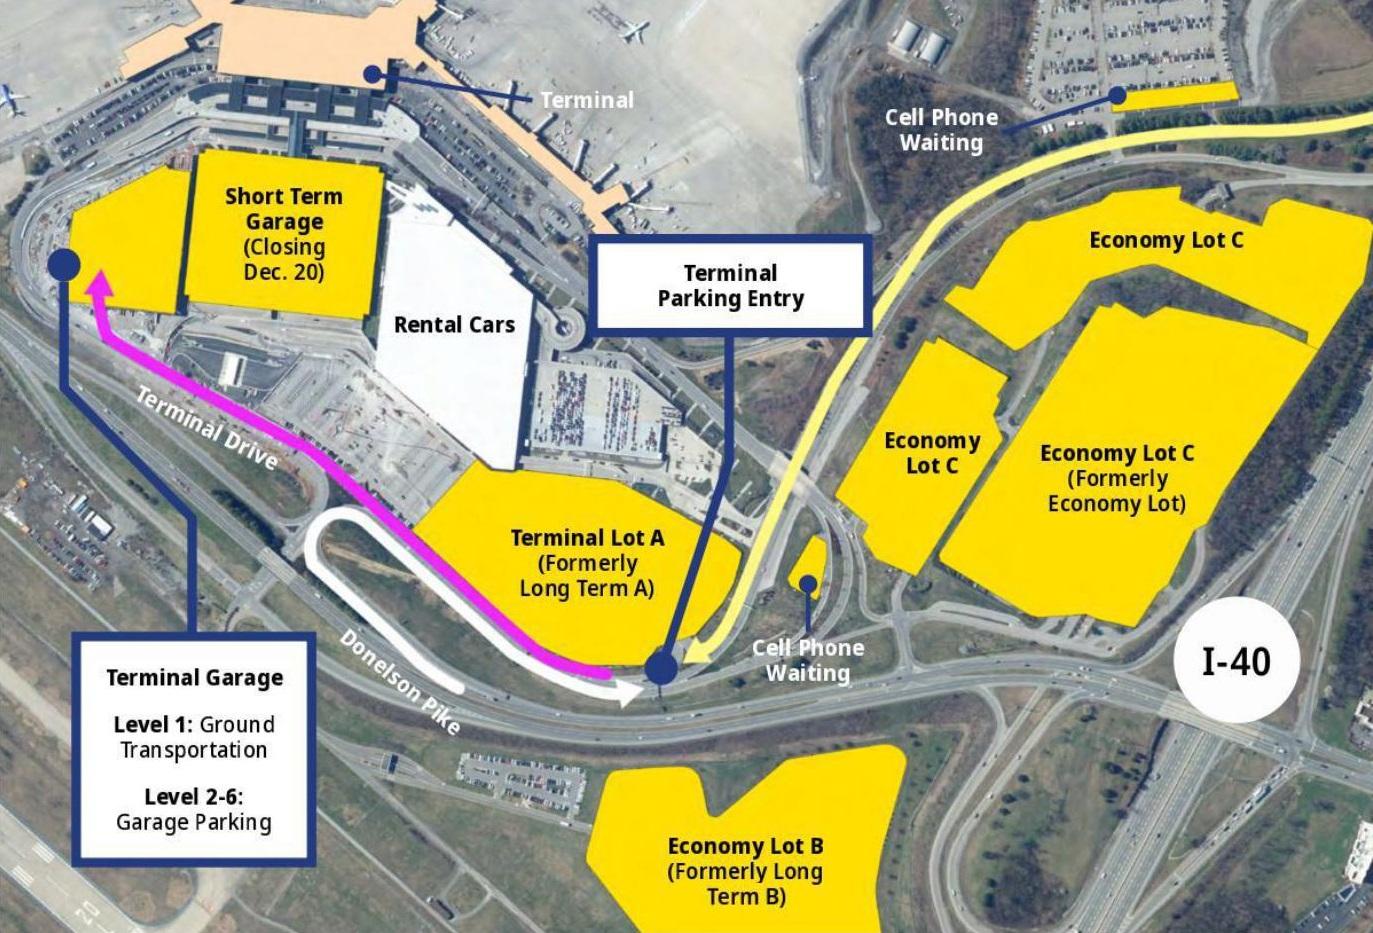 Rent A Car Nashville: Important Parking Updates